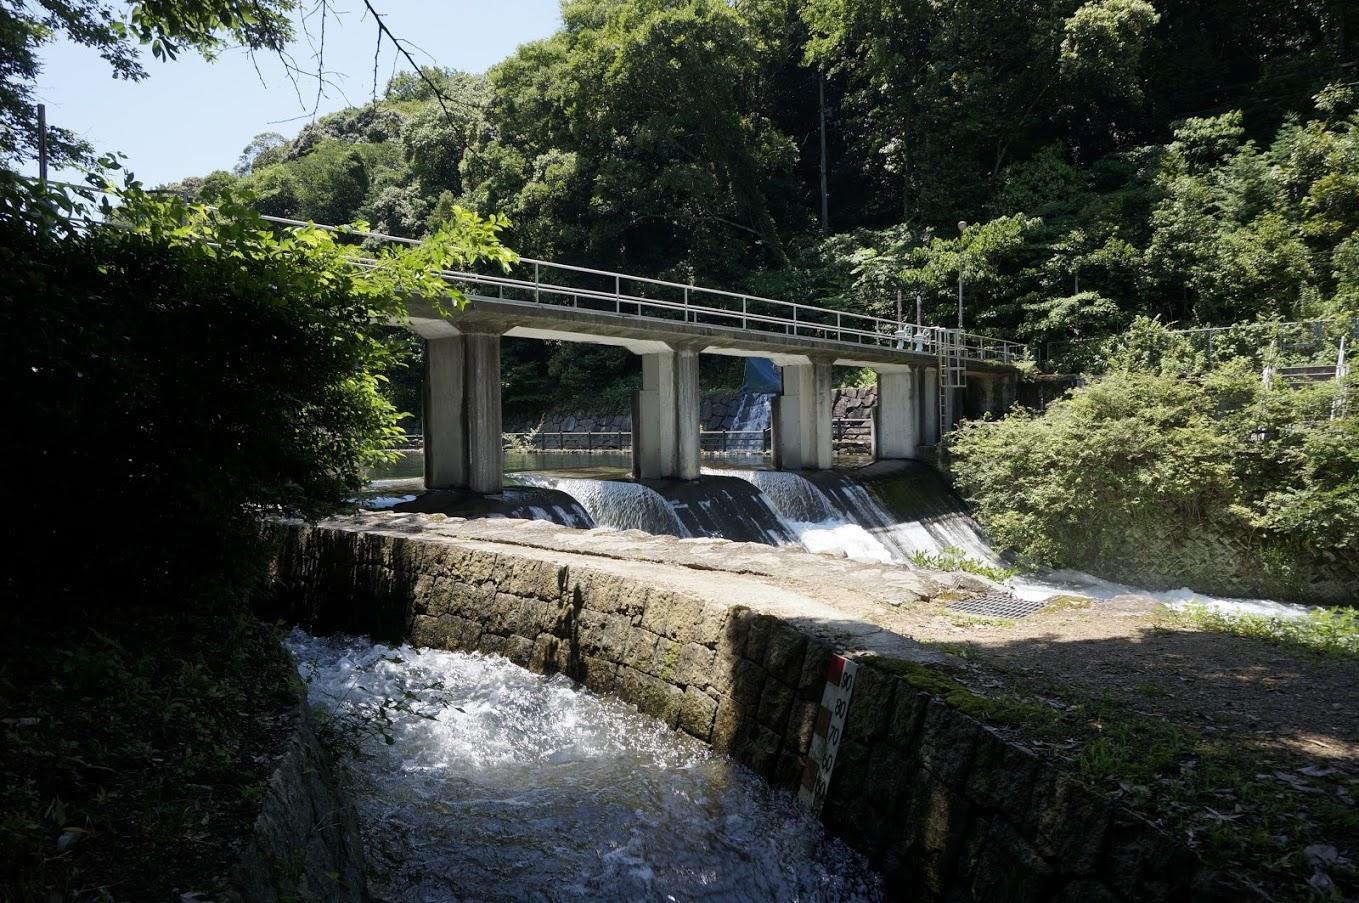 満濃池分水樋門の水路